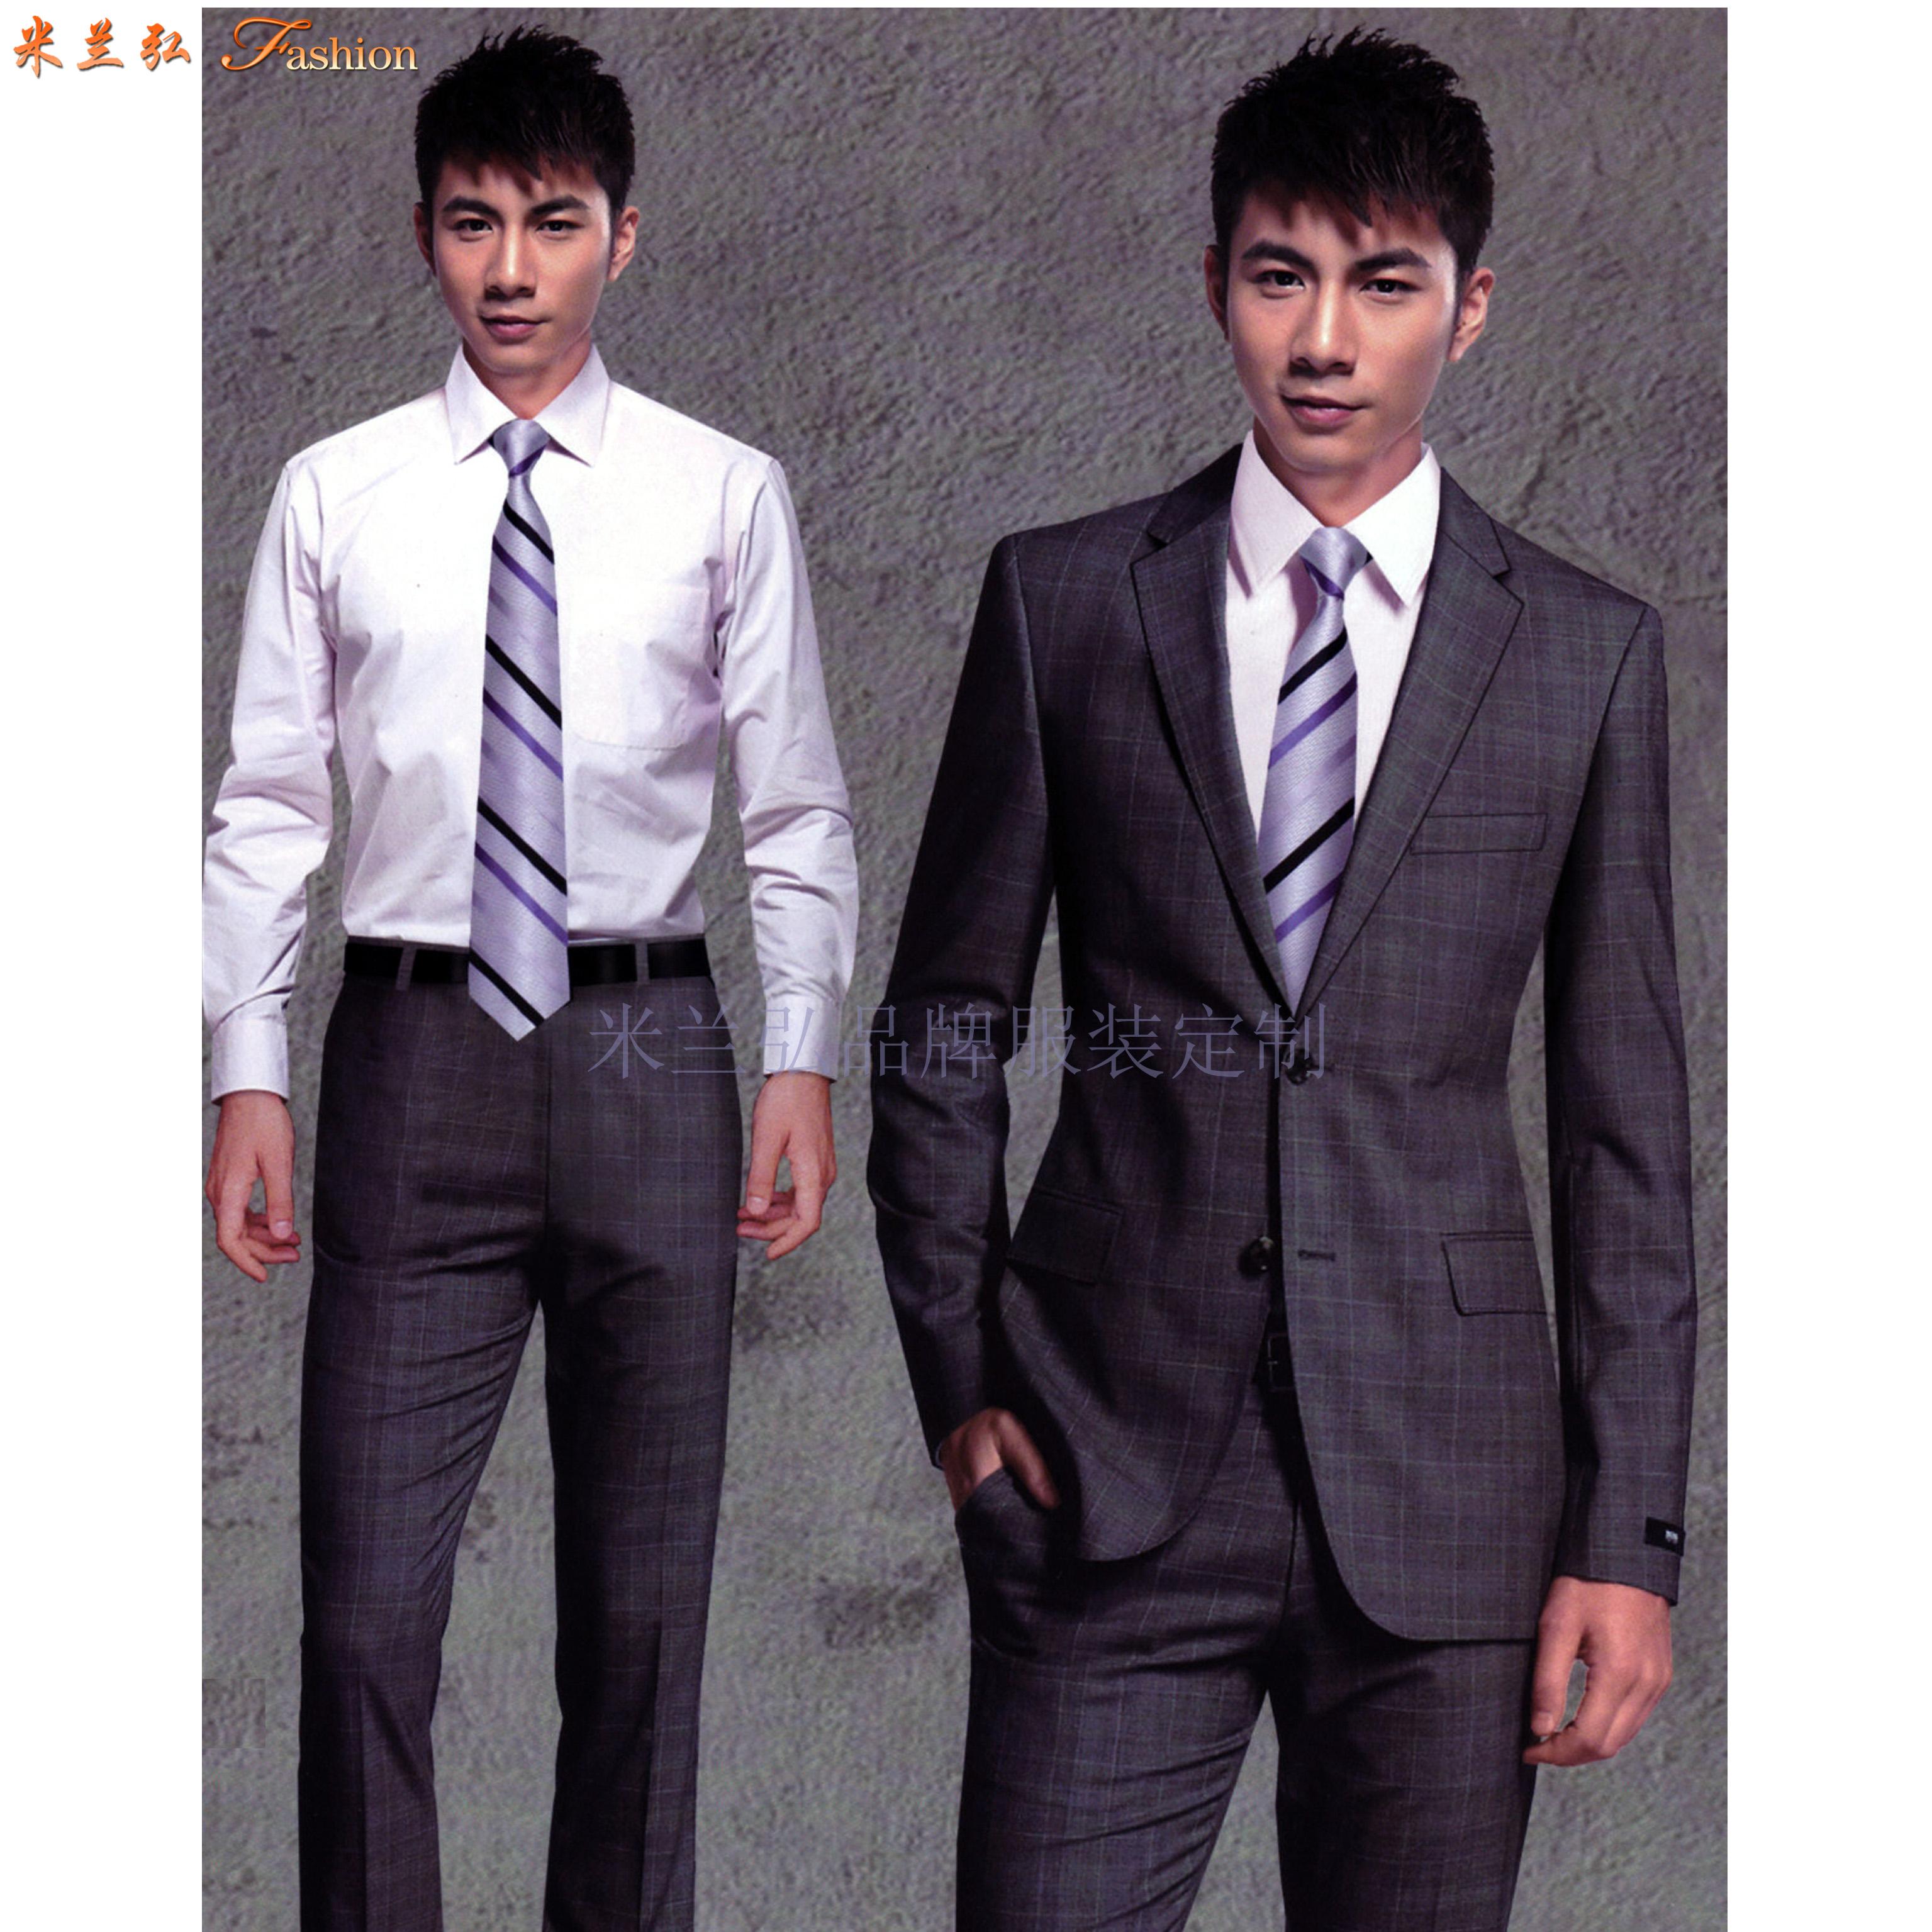 北京品牌西服定制_王府井西服定制價錢_西單量體定做毛料西裝-2